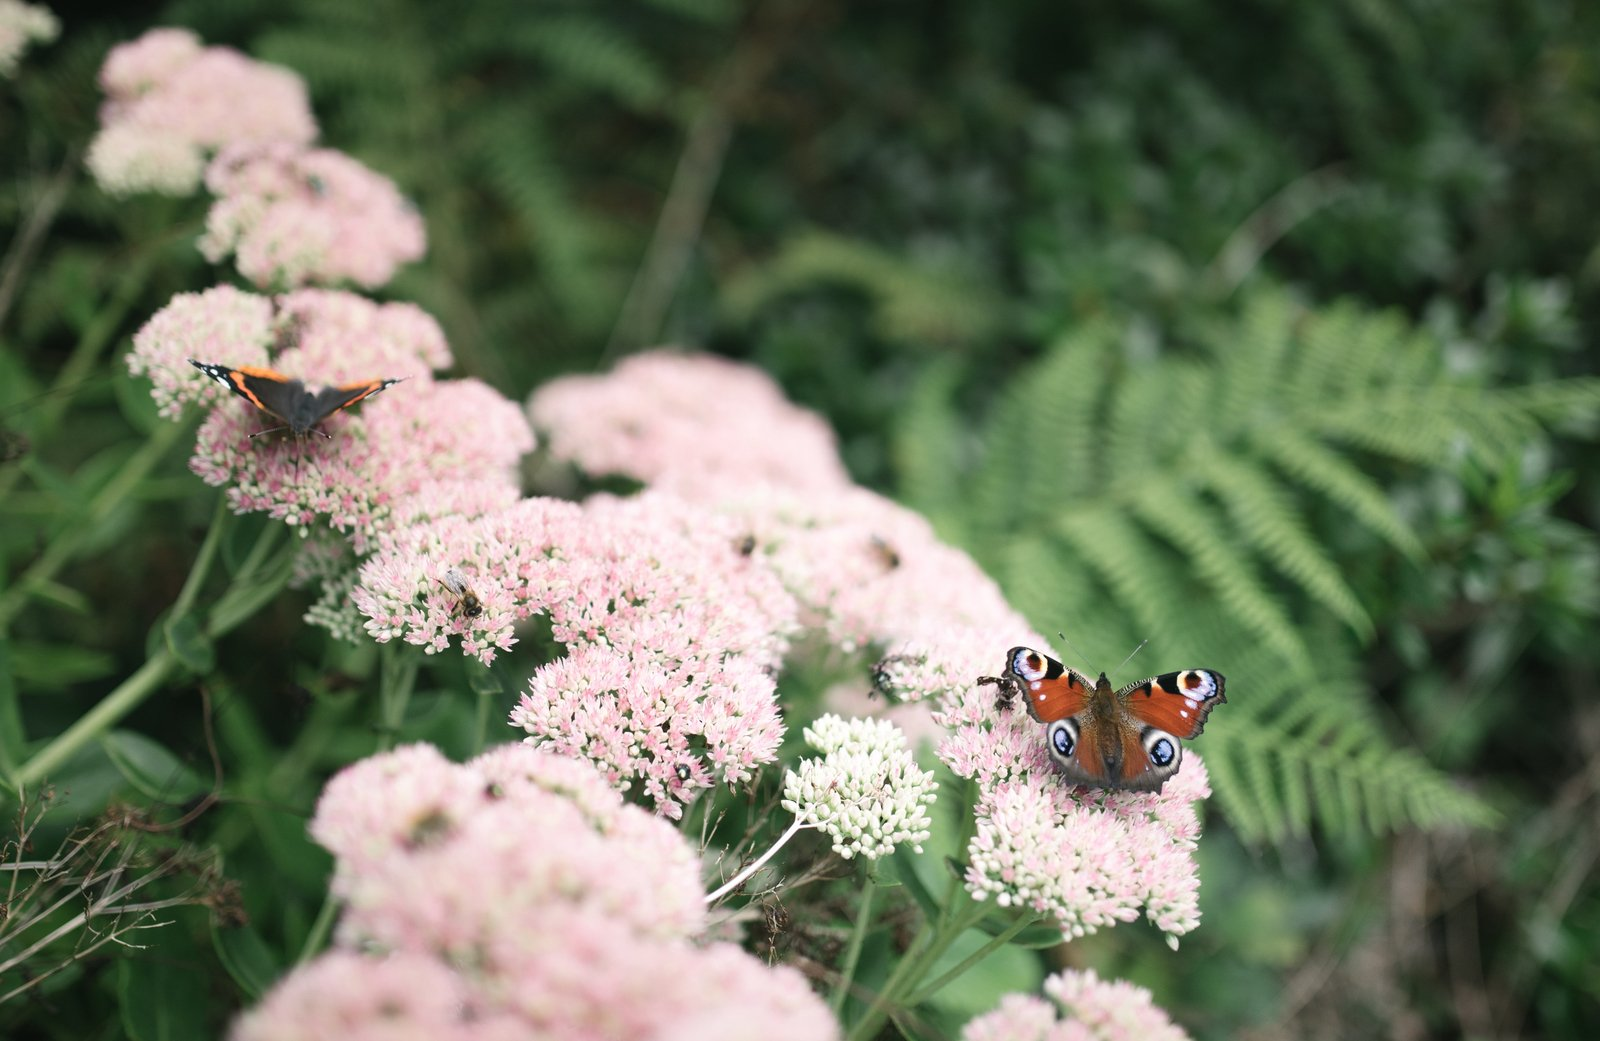 Les papillons par centaines, au parc botanique Le Chatellier